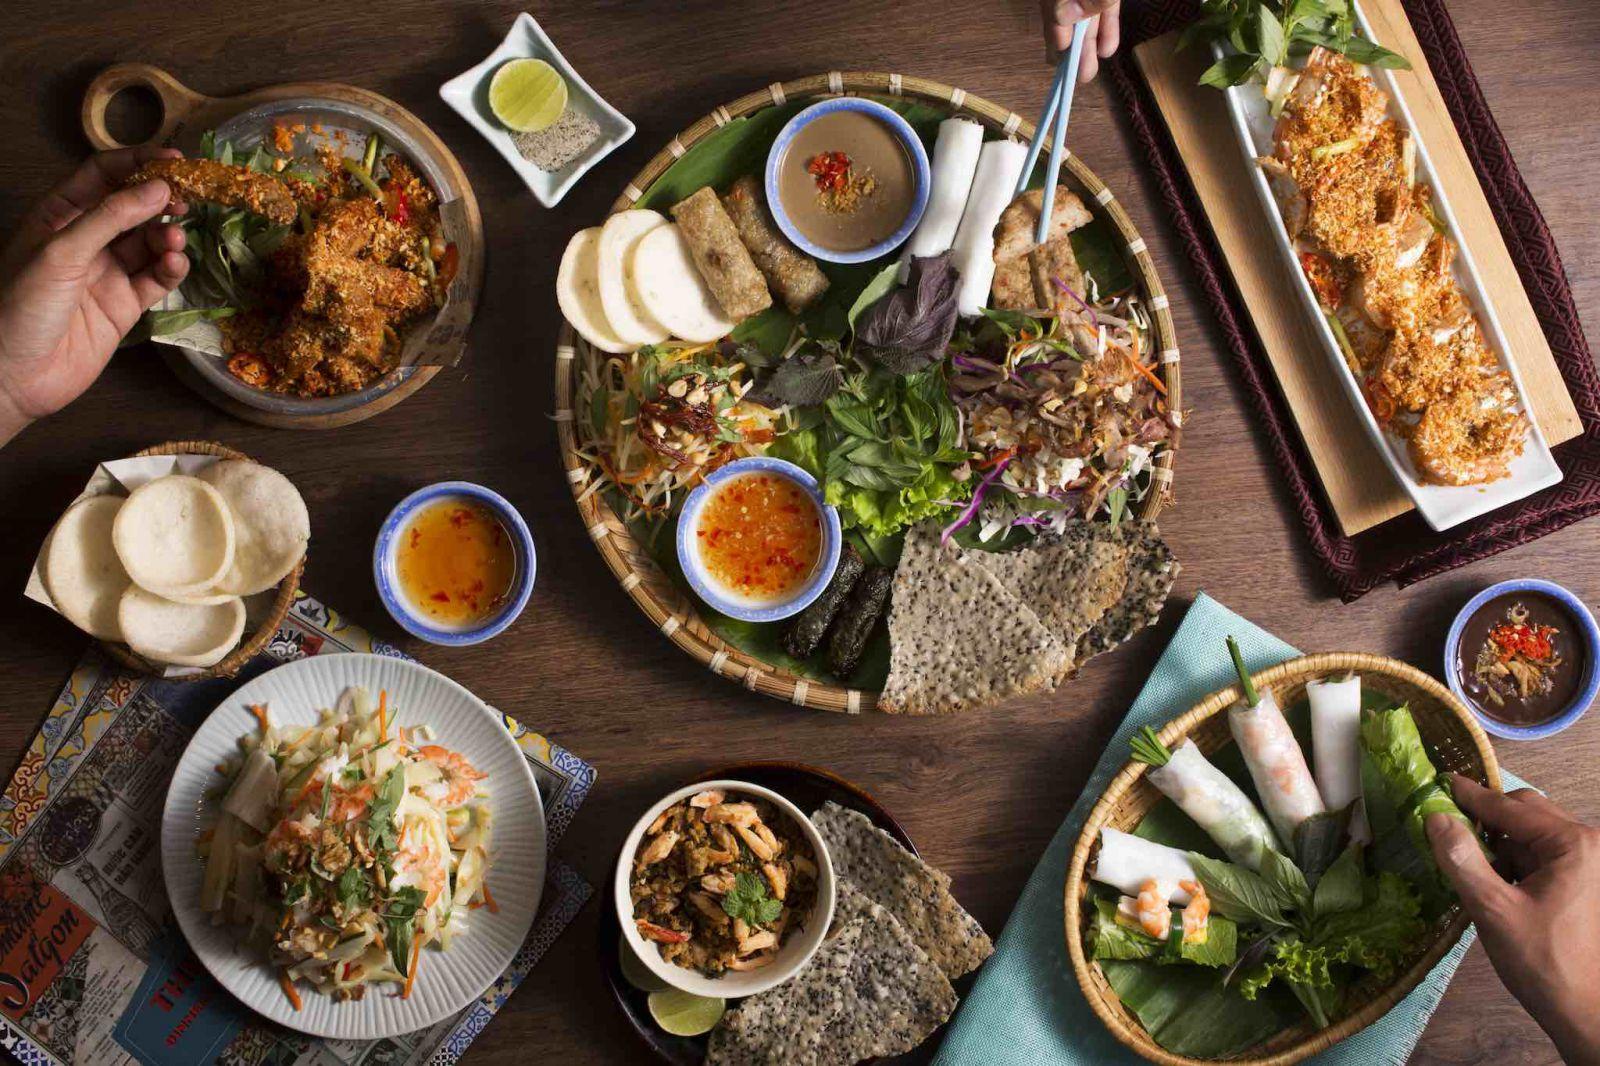 Lưu ý khi lựa chọn dịch vụ nấu ăn, đặt tiệc tại nhà ở Biên Hòa